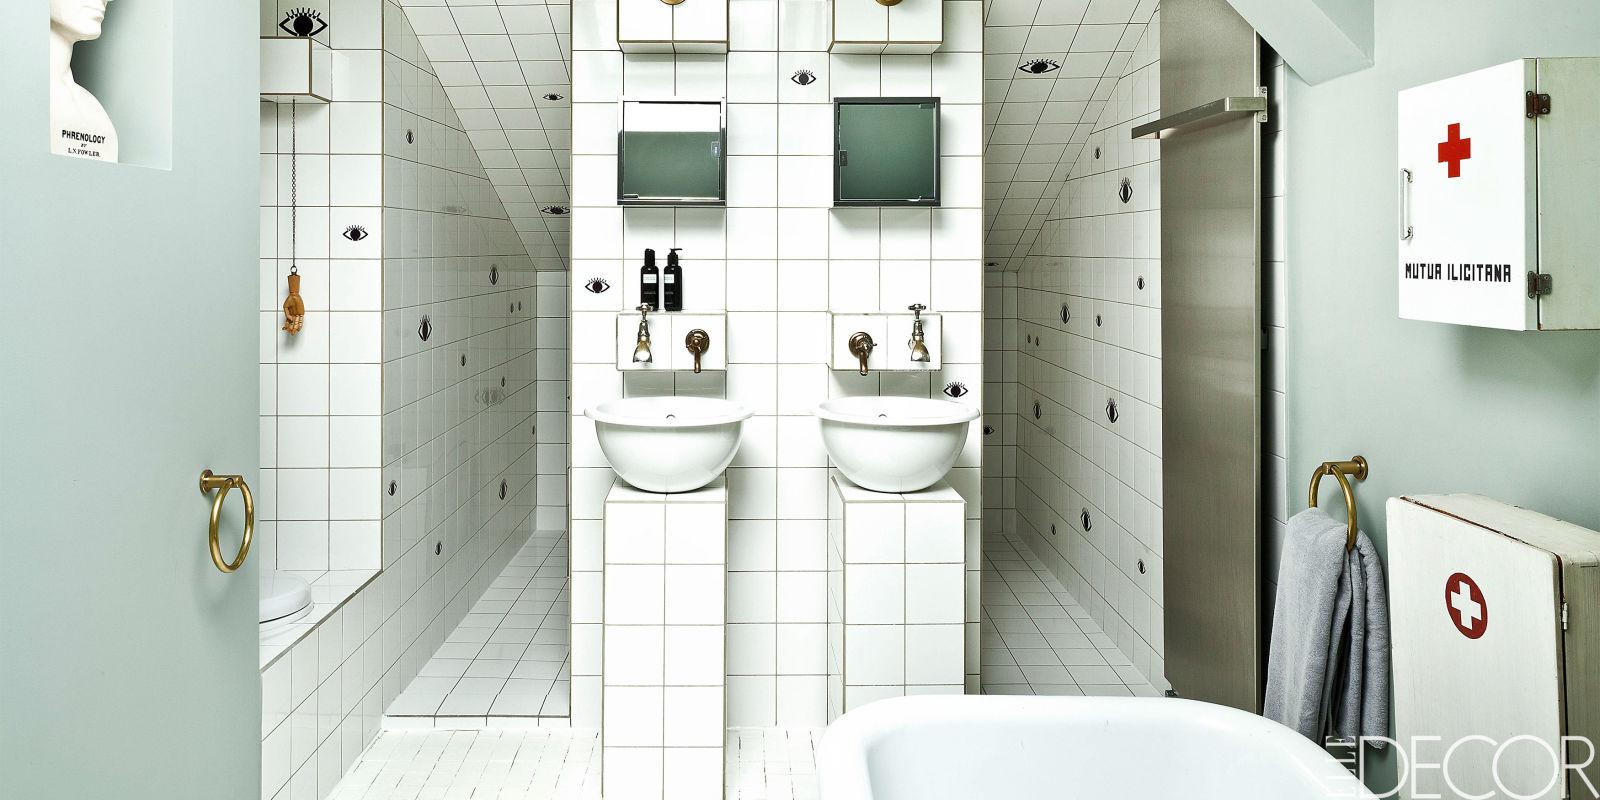 20 Best Bathroom Sink Design Ideas Stylish Designer